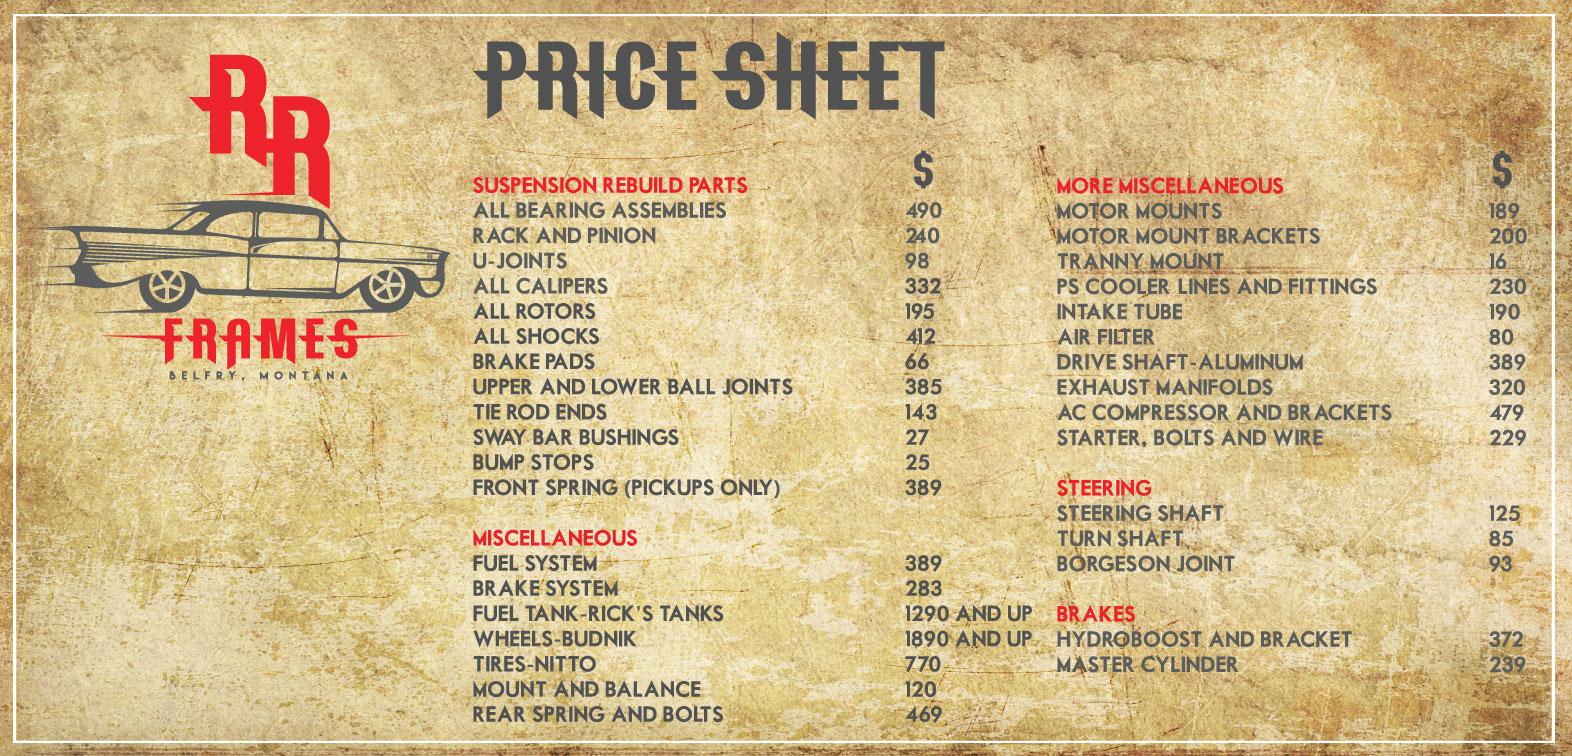 price_sheet_JAN2018.jpg